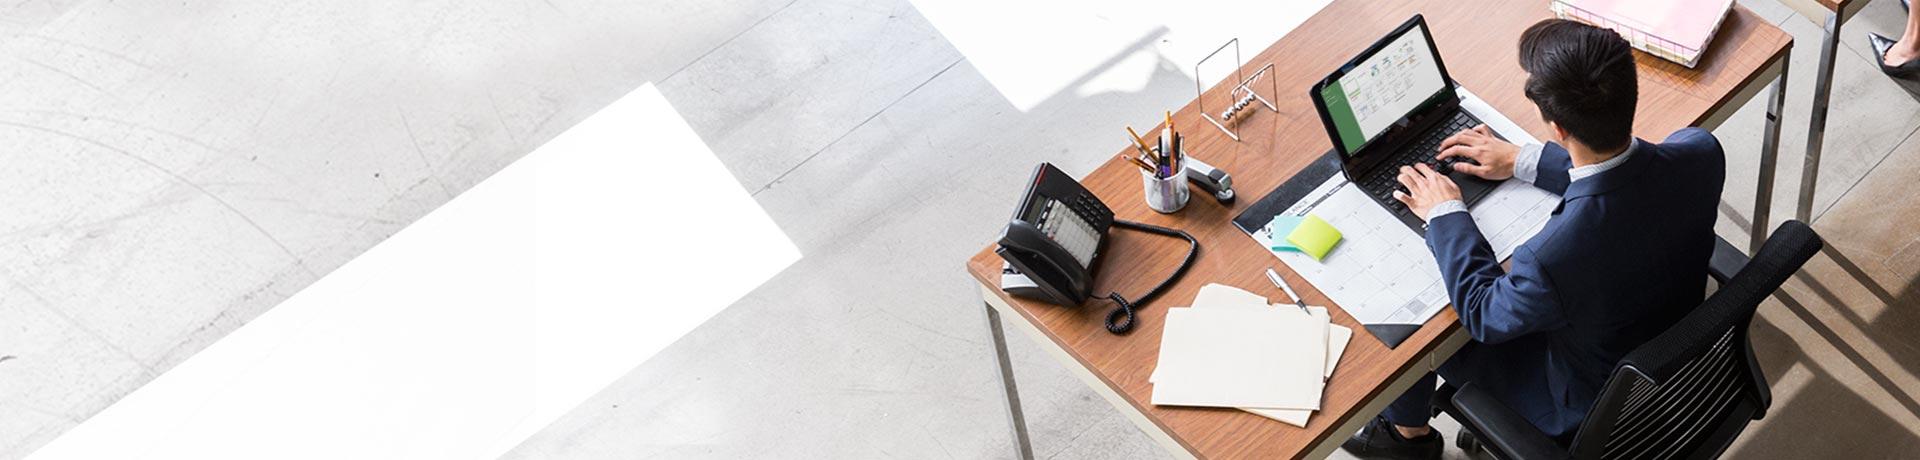 Seorang lelaki sedang duduk di meja di dalam pejabat, mengendalikan fail Microsoft Project pada komputer riba.